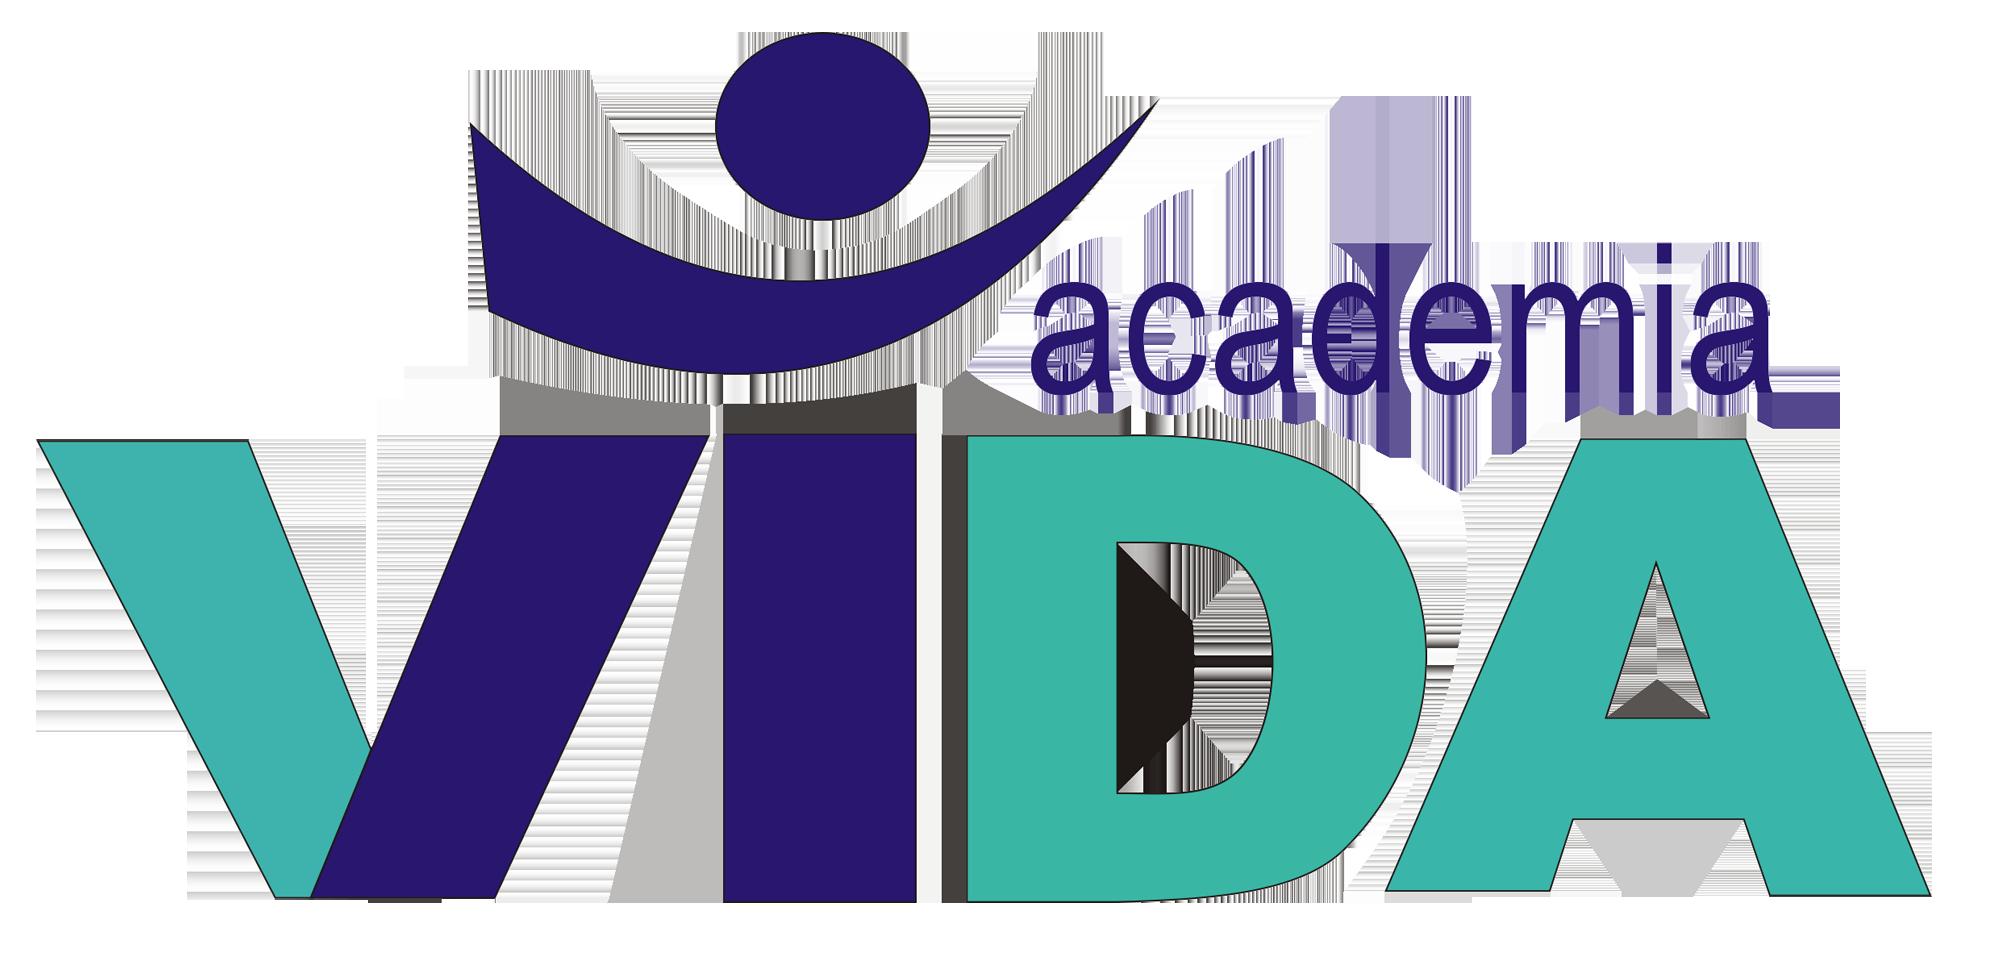 http://www.academiavida.com.br/